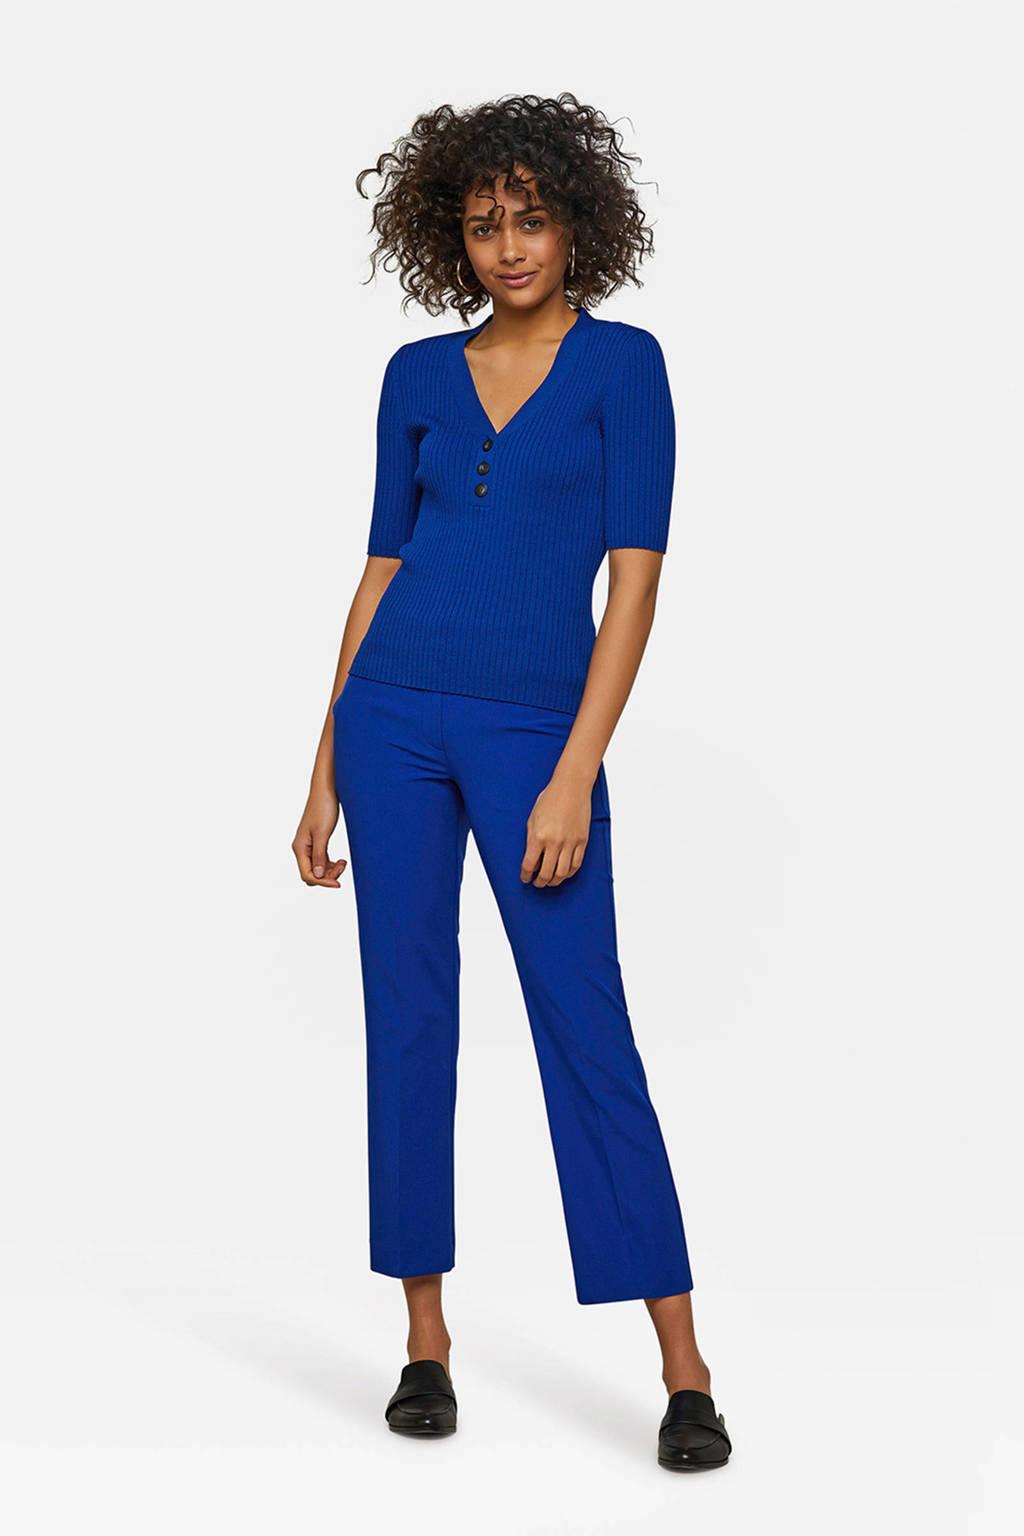 Blauw We We Fashiontop We Blauw We Blauw Fashiontop Fashiontop Blauw We Fashiontop Blauw We Fashiontop qSTrwS